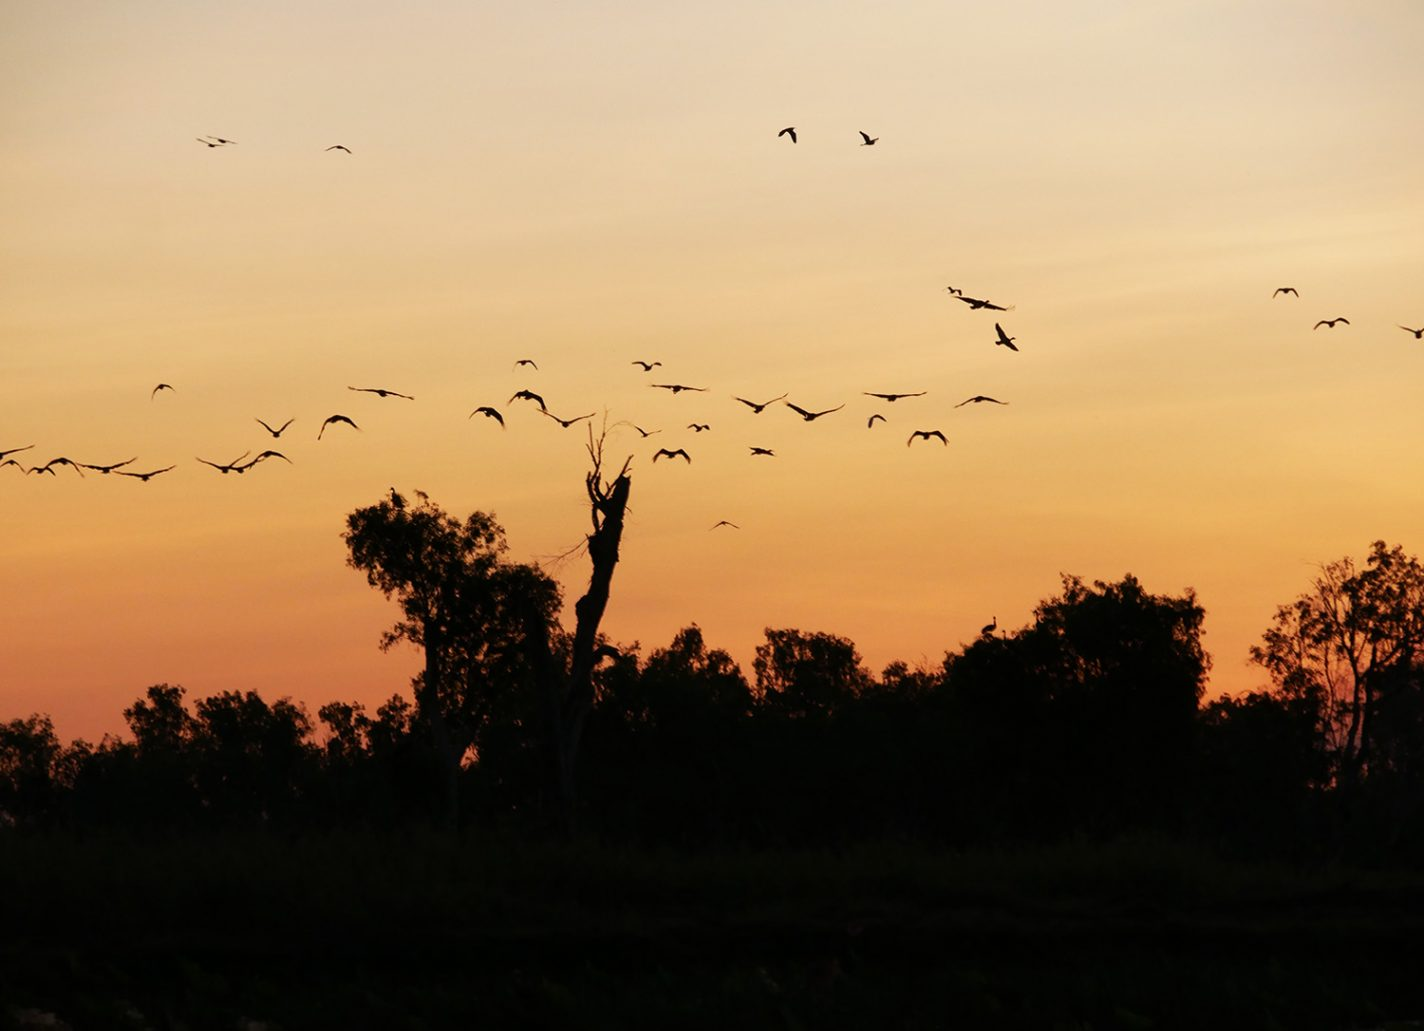 Nu worden de vogels helemaal actief, op zoek naar hun laatste prooi - Corroboree Billabong Wetland Cruise